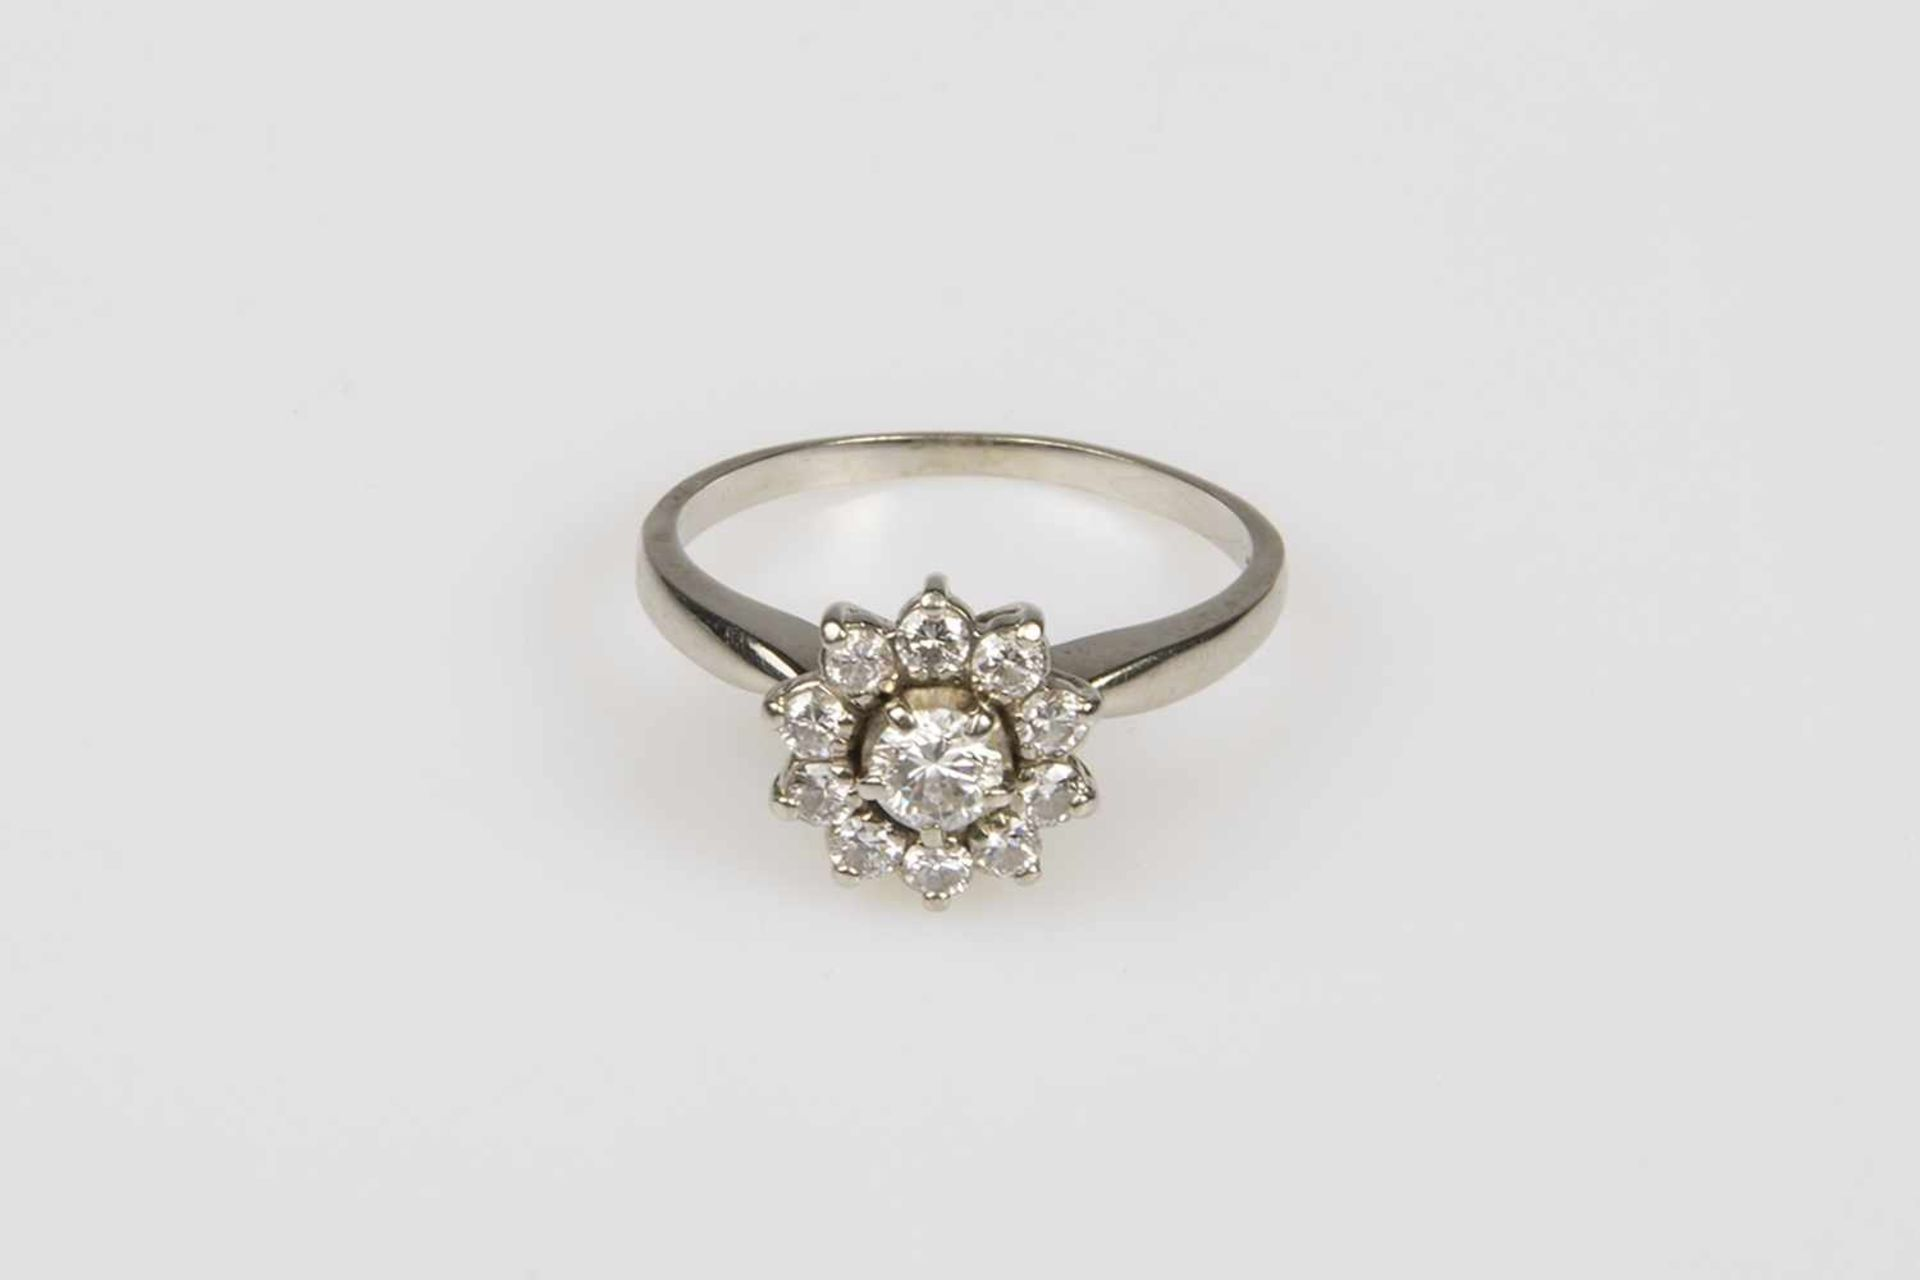 Brillant-Damenring Weißgold 585 mit Brillanten zus.ca.0,70 ct, RW 56 3,1 g;